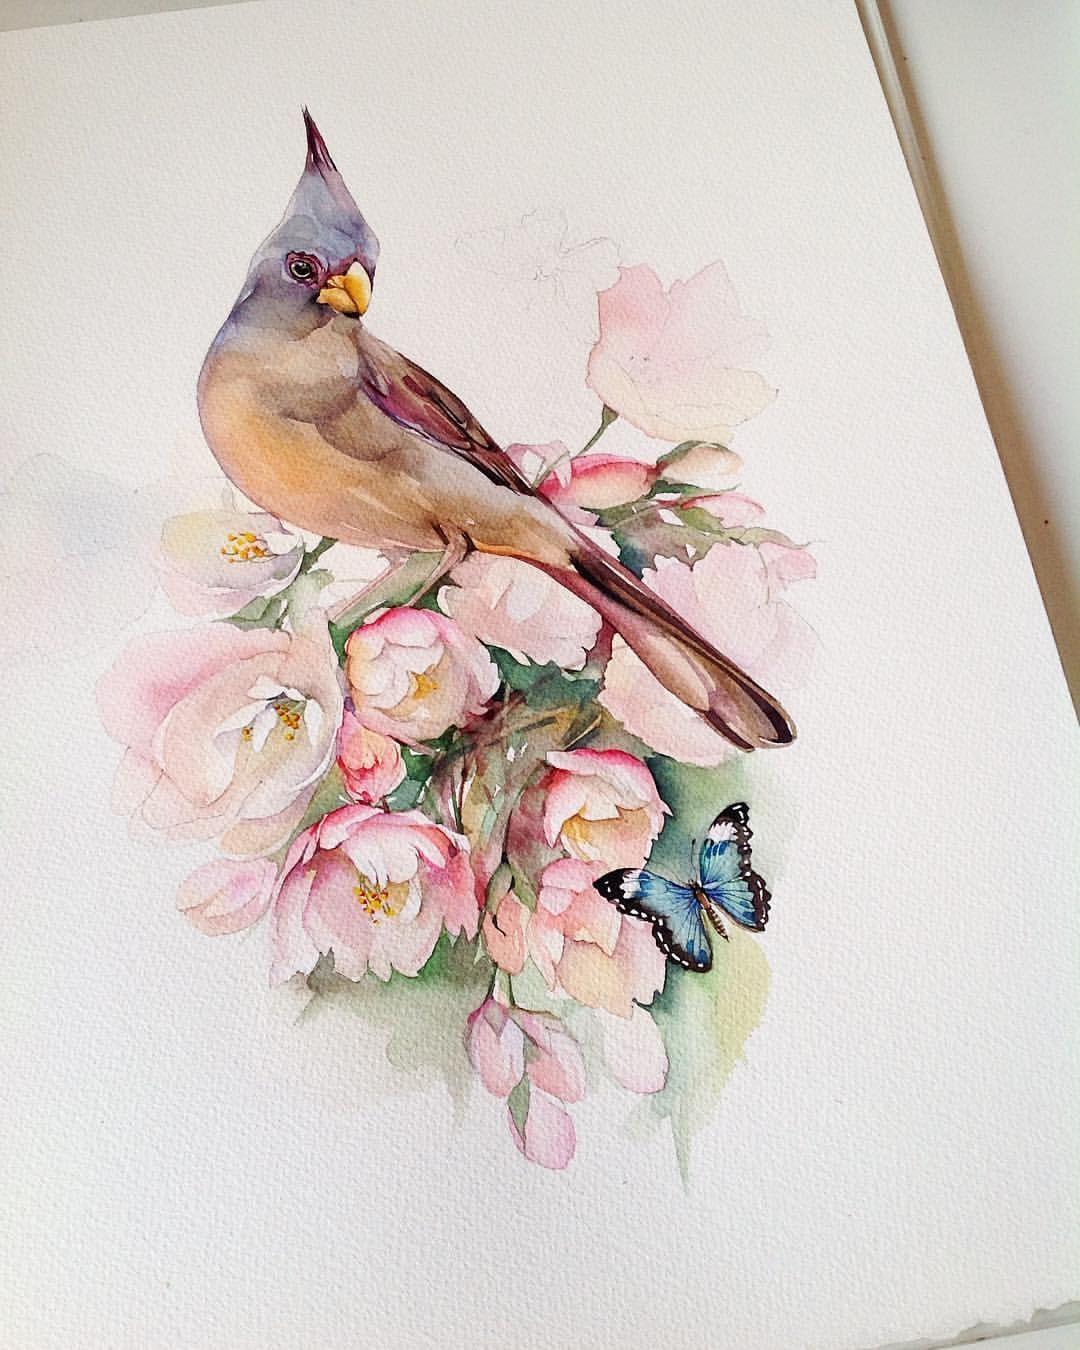 акварель птицы цветы картинки джок терапия широко